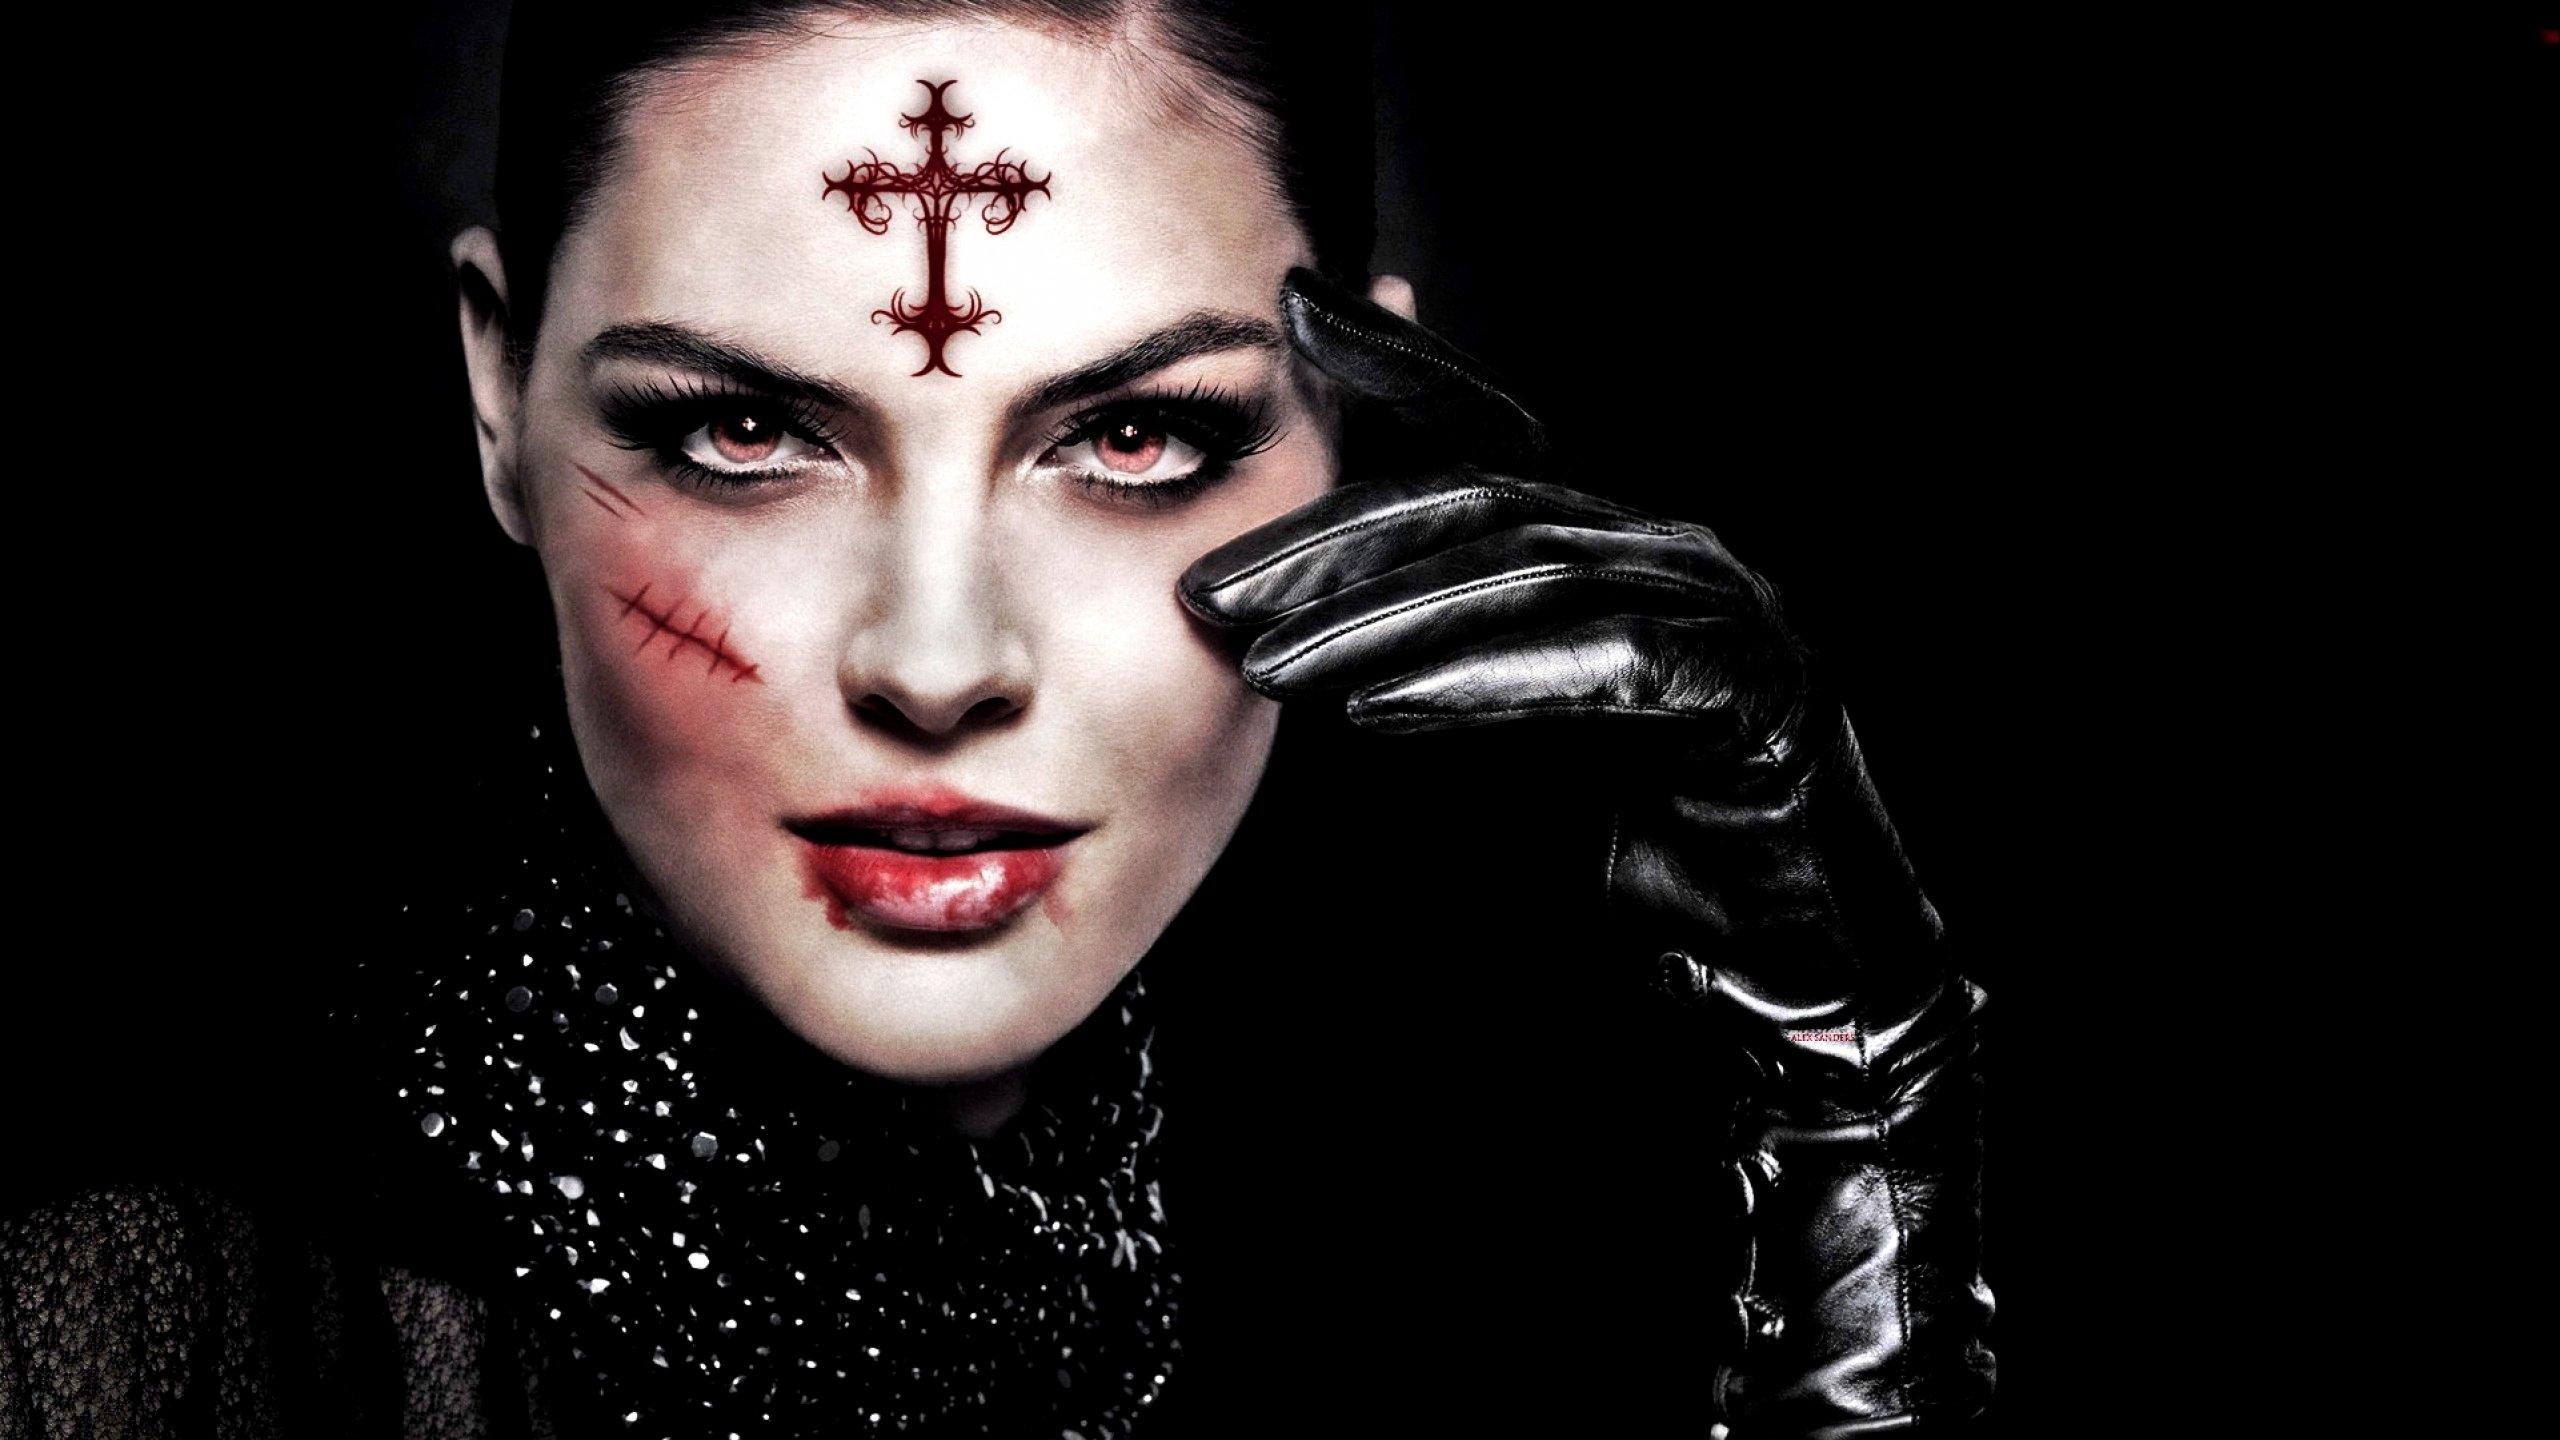 Dark evil occult satanic satan vampire wallpaper ...